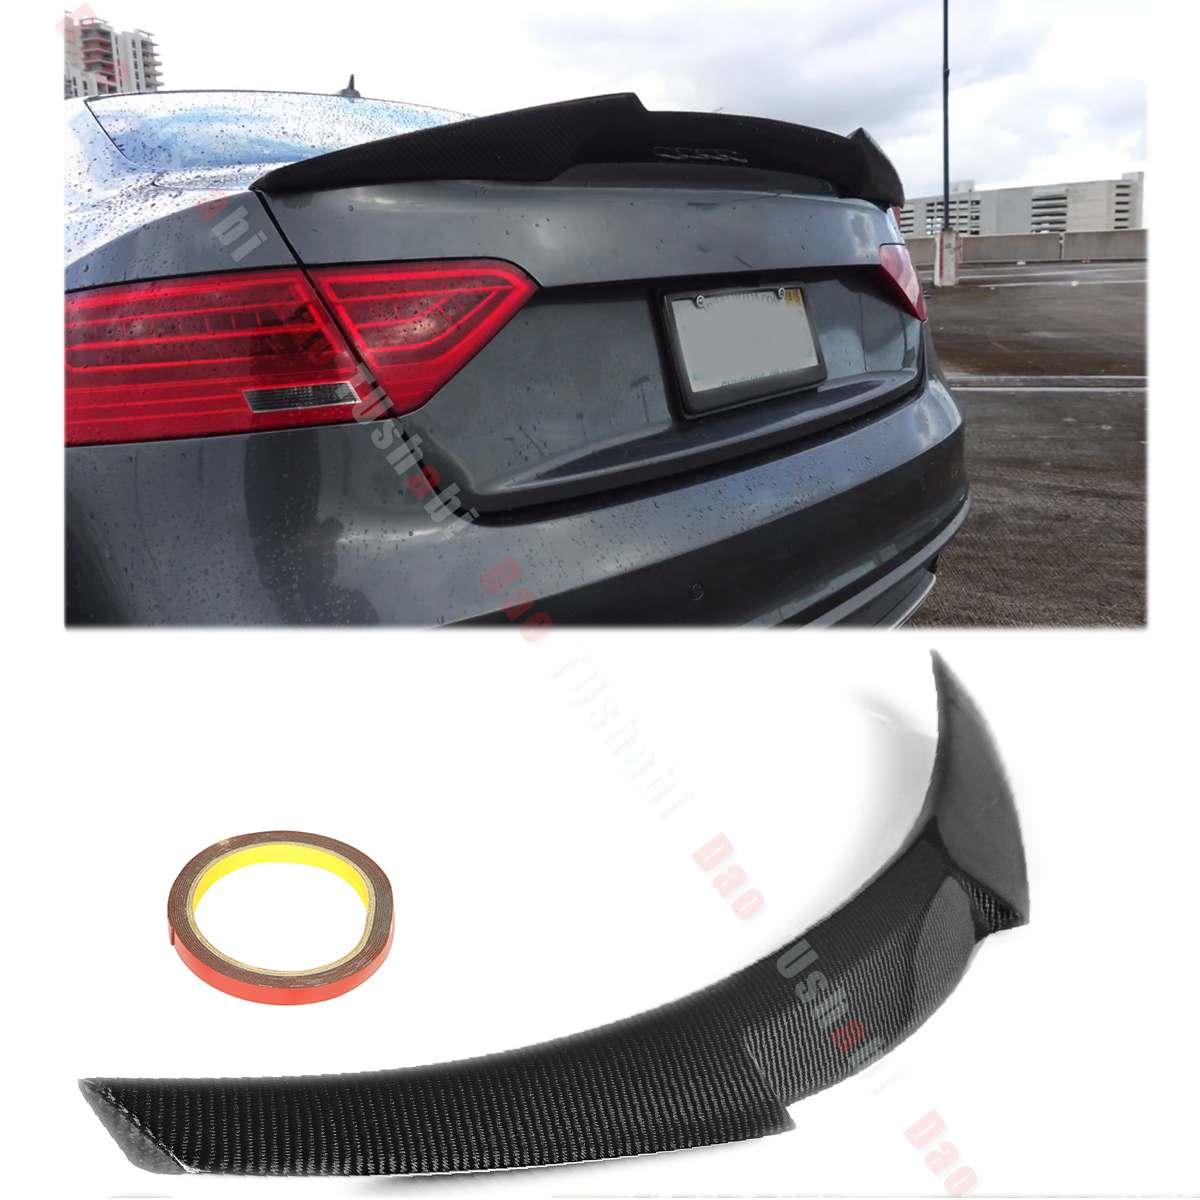 Real completa Material de fibra de carbono alerón trasero para techo de Spoiler de Audi A5 B8 B9 sedán de 4 puertas 2009, 2010, 2100, 2012, 2013, 2014, 2015, 2016